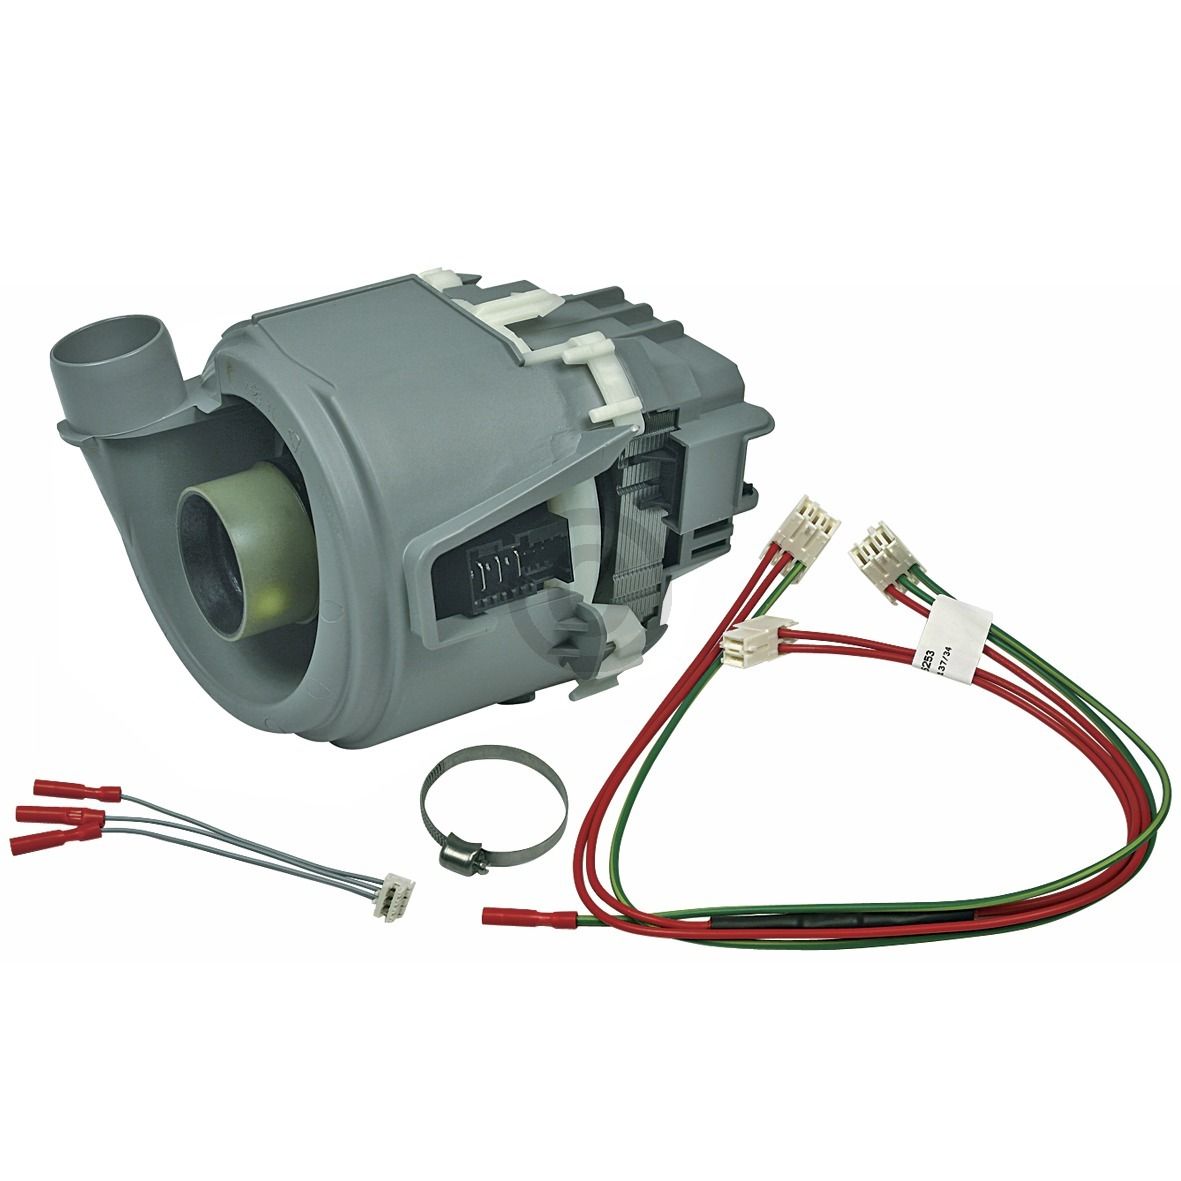 Heizpumpe 00654575 654575 Bosch, Siemens, Neff, Küppersbusch